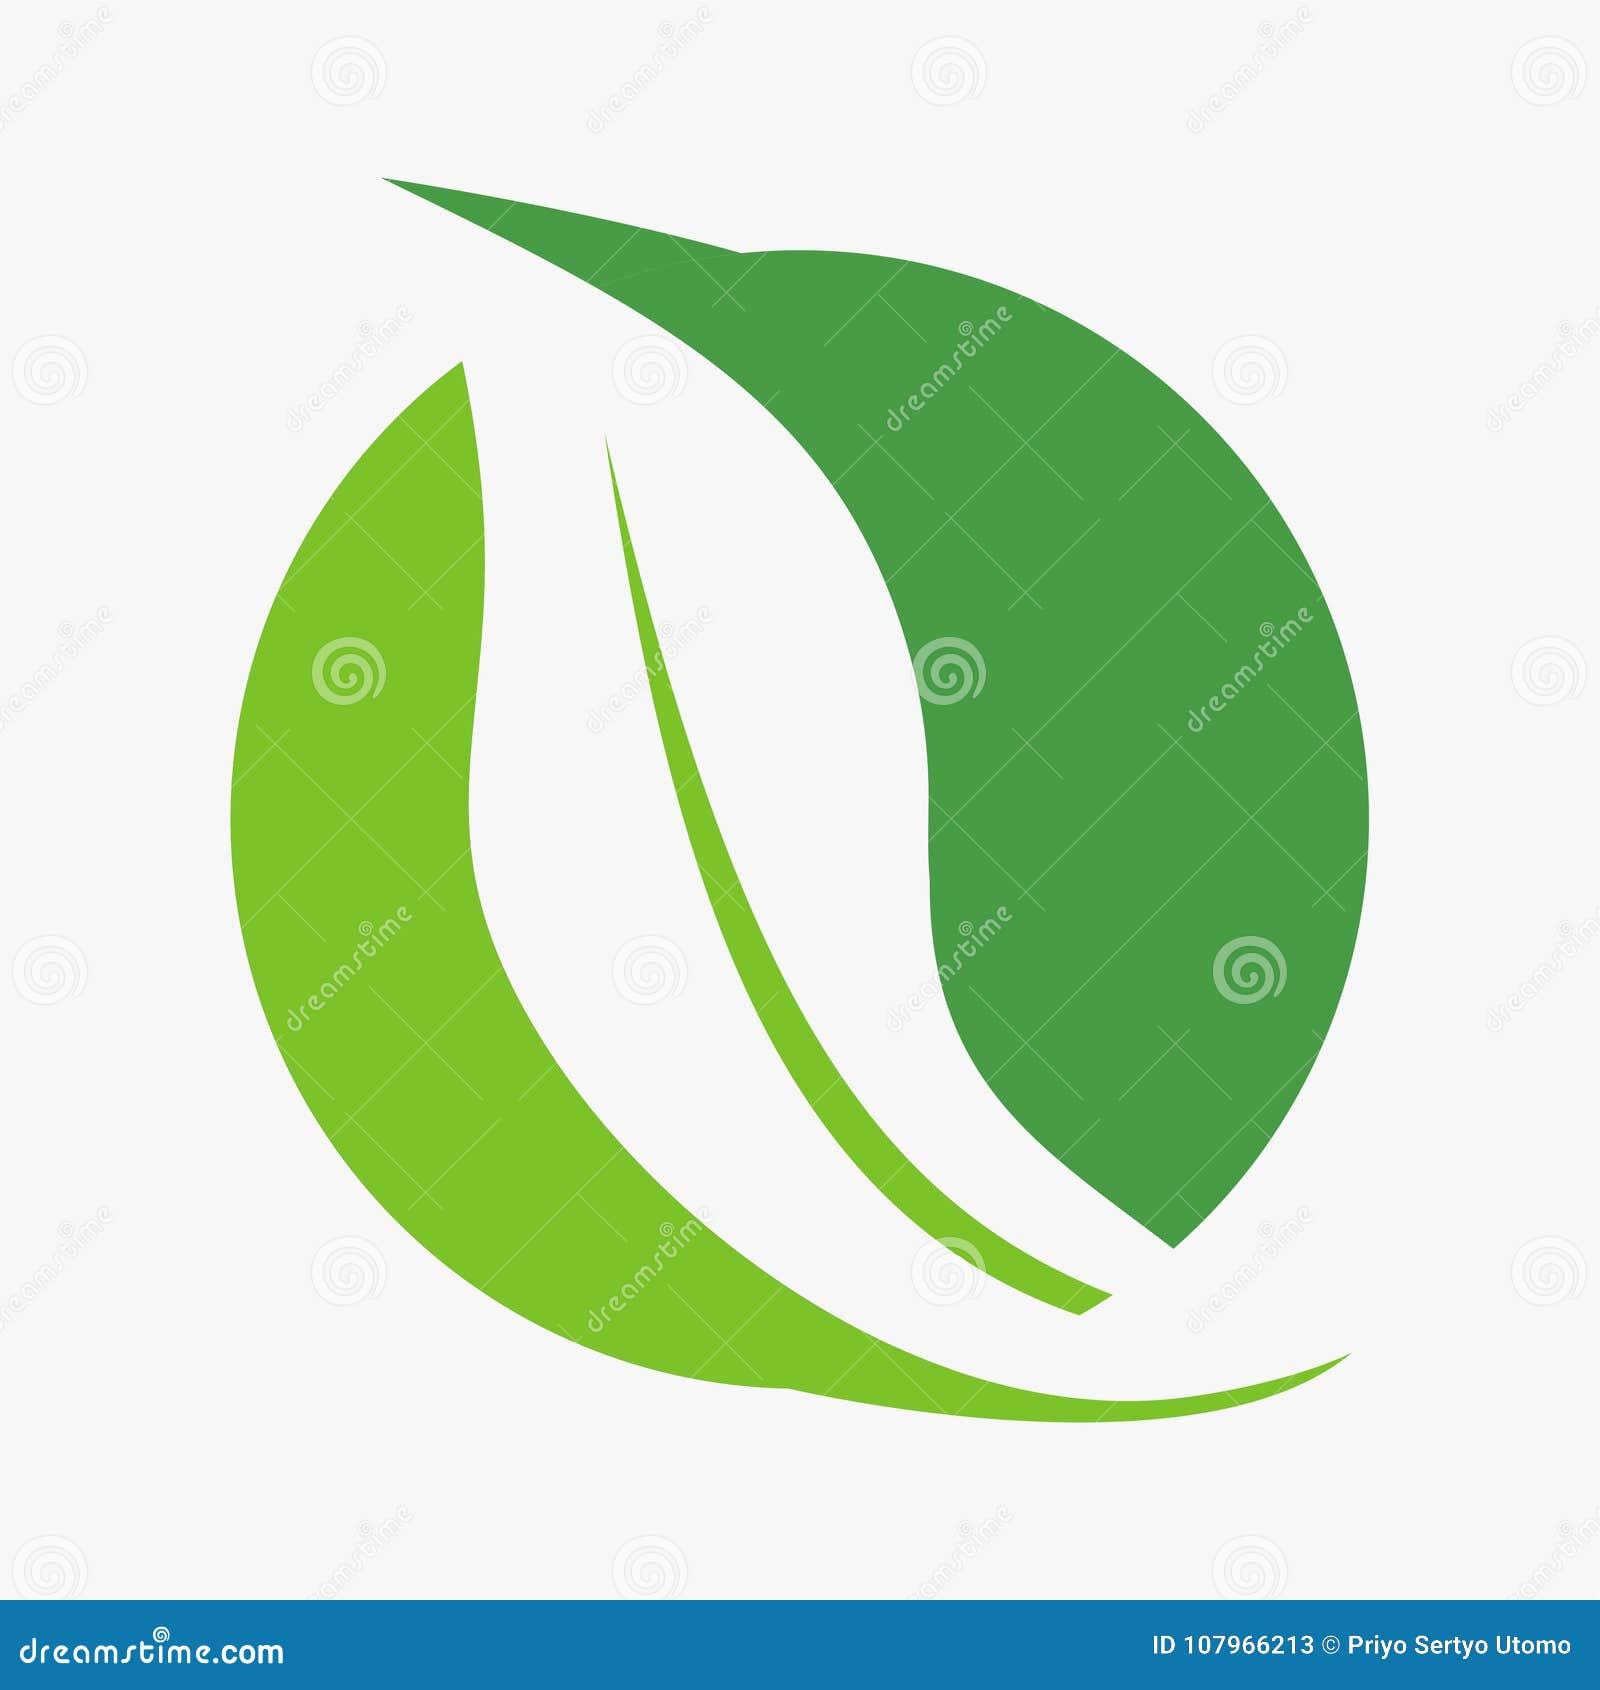 Лист, завод, логотип, экологичность, люди, здоровье, зеленый цвет, листья, комплект значка символа природы дизайнов